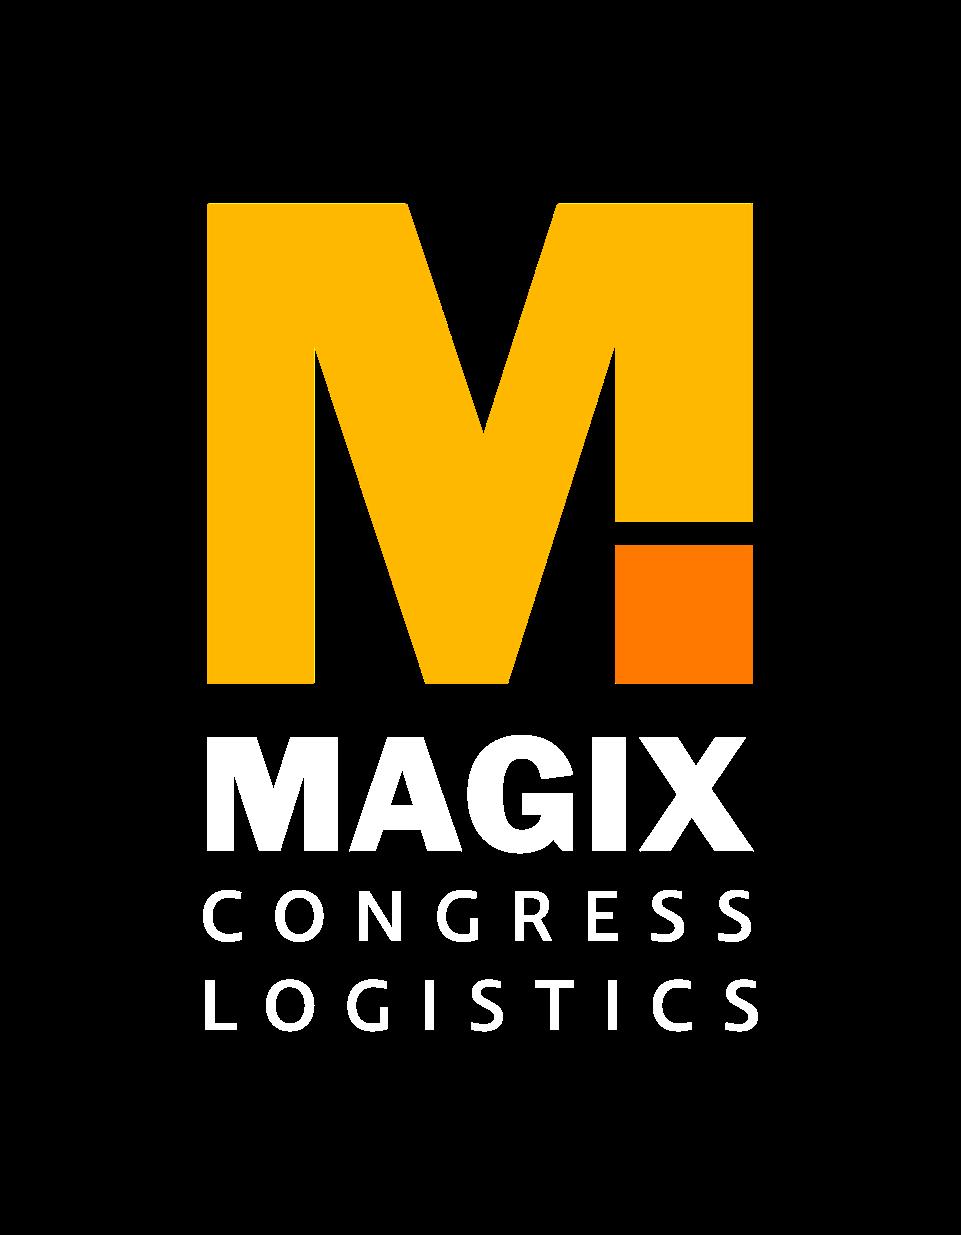 Logos Magix fondo blanco